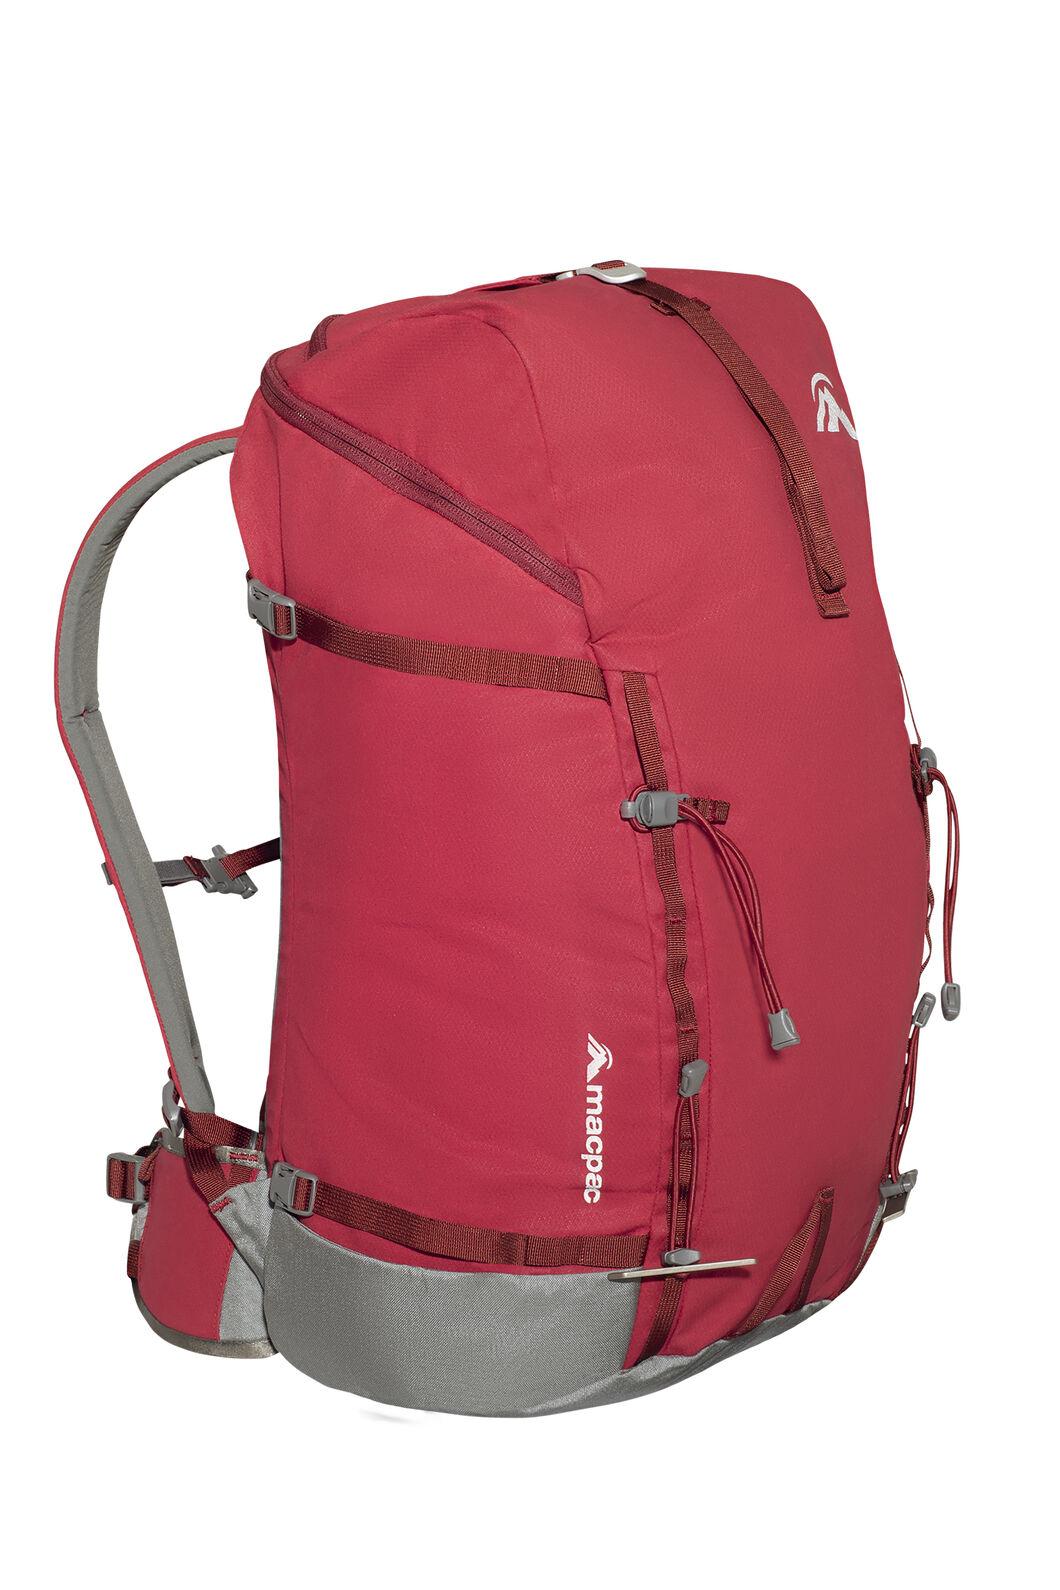 Macpac Pursuit 40L AzTec® Alpine Pack, Rata Red, hi-res